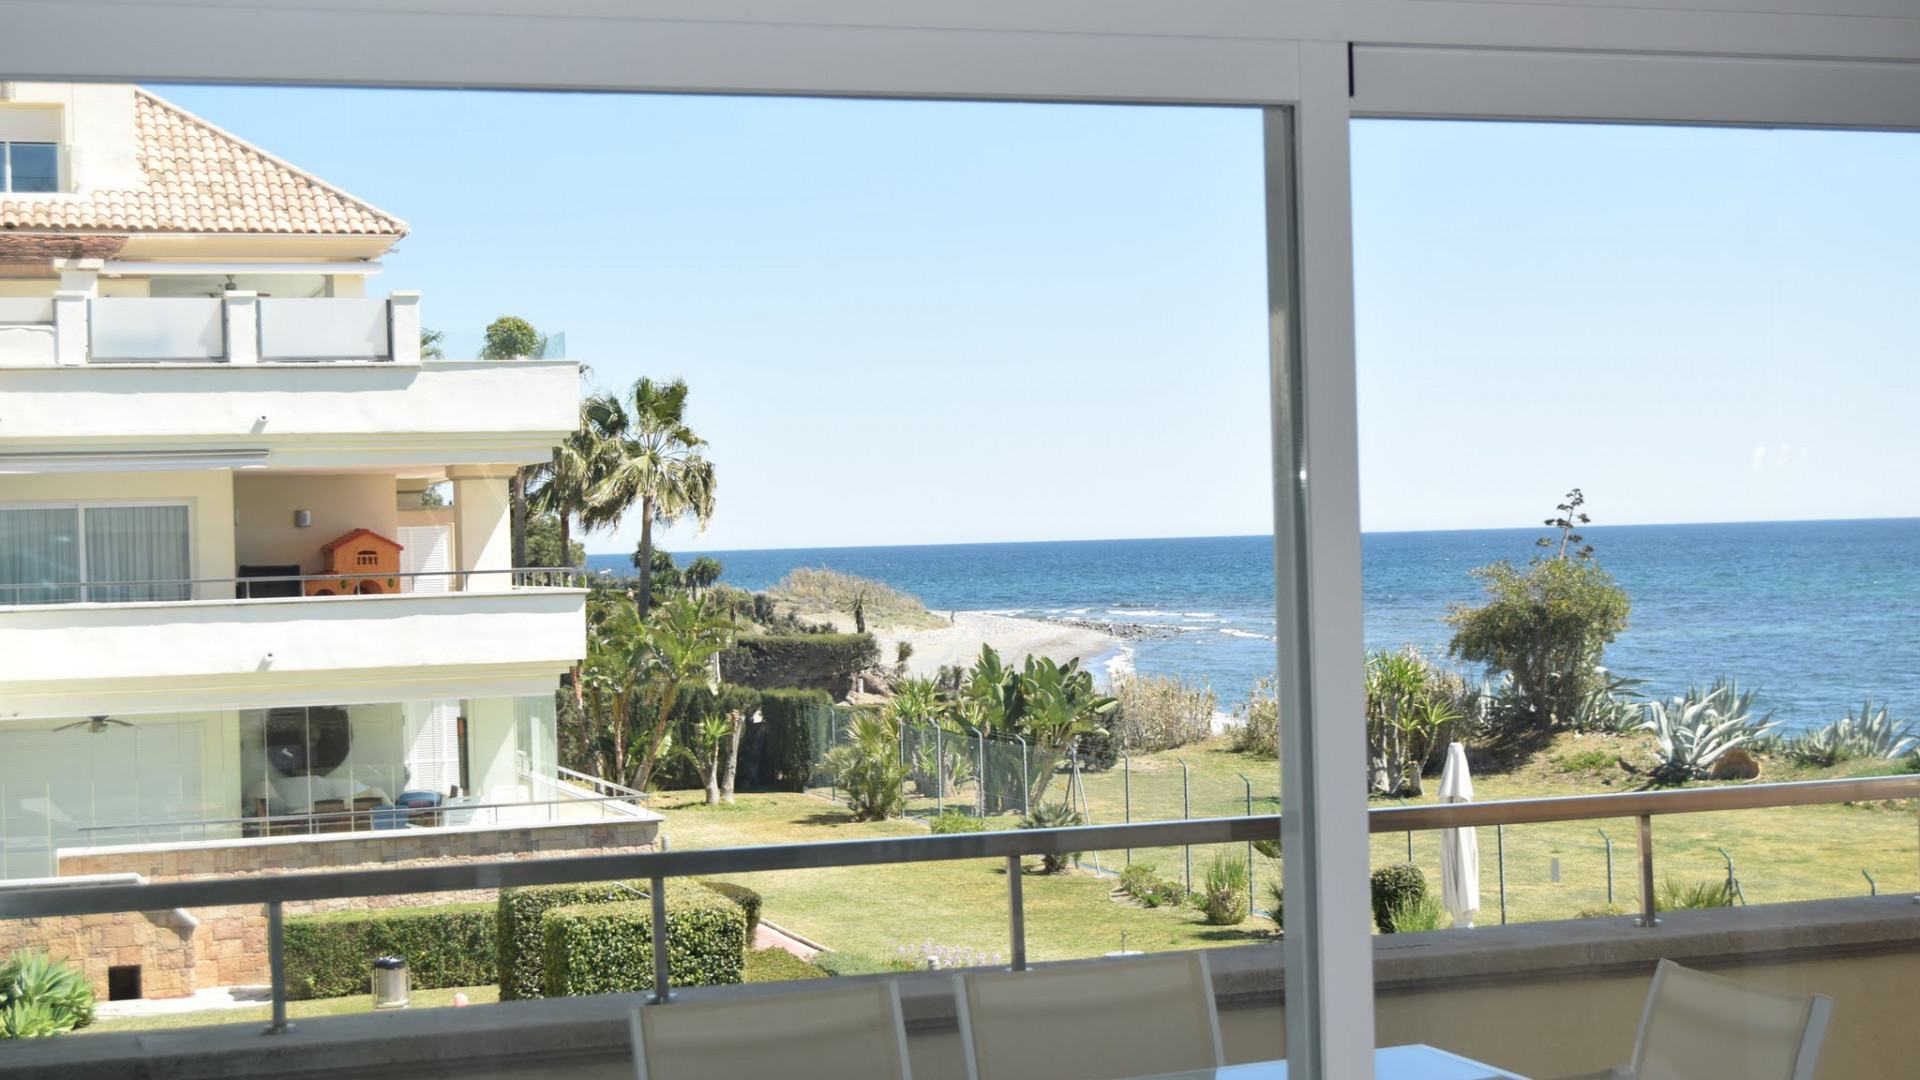 Baños Romanos Casares:Propiedades en venta en Guadalmansa Playa, Estepona